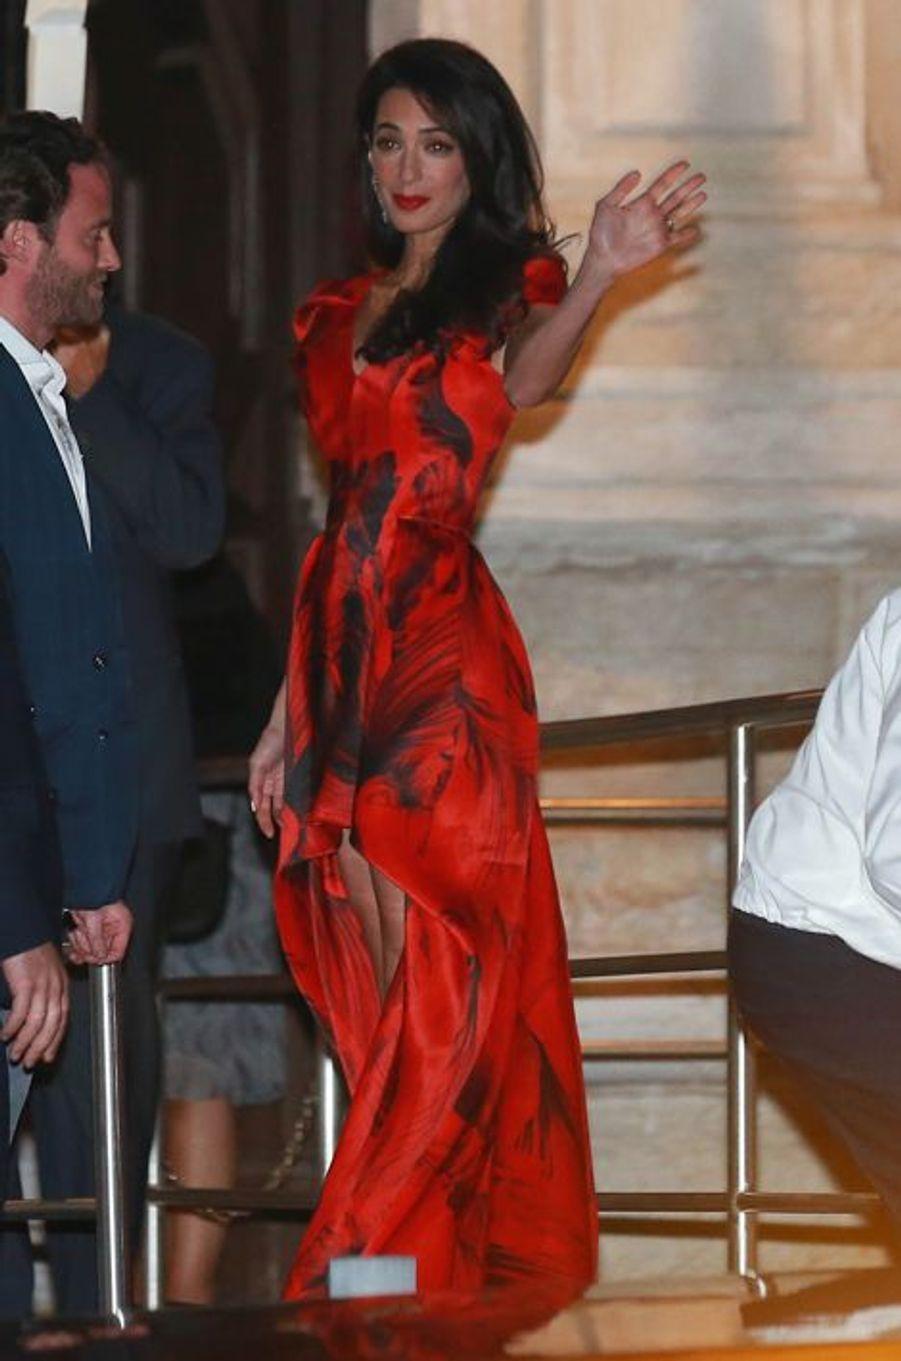 Les tenues portées par Amal Alamuddin avant son mariage à George Clooney (ici, Alexander McQueen)